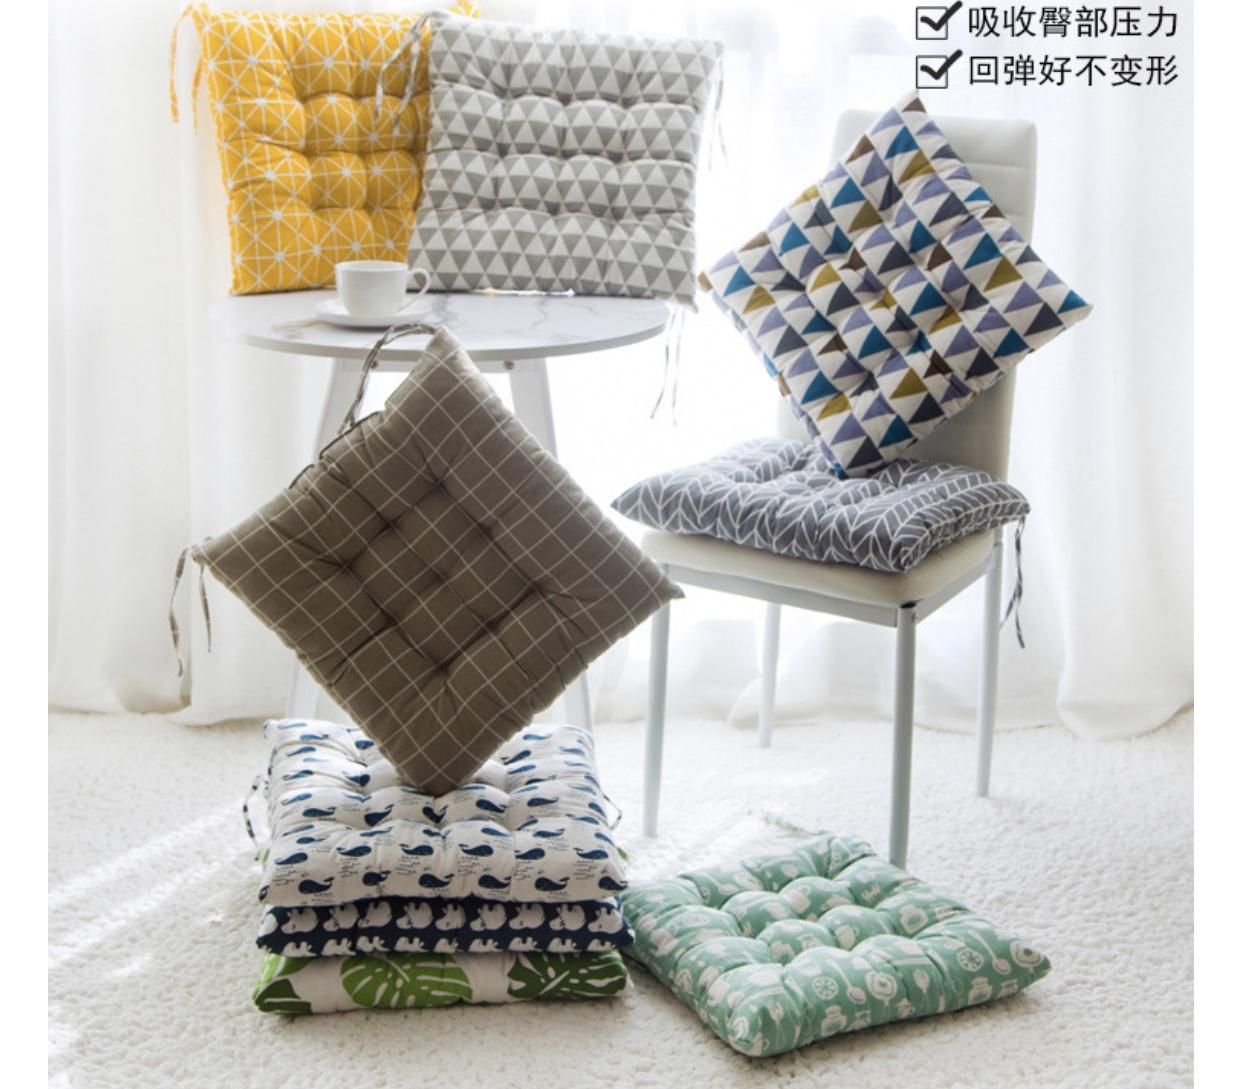 [ SIZE 40CM ] Đệm ngồi bệt, gối lót ghế vuông SBK001 40cm nhiều mẫu